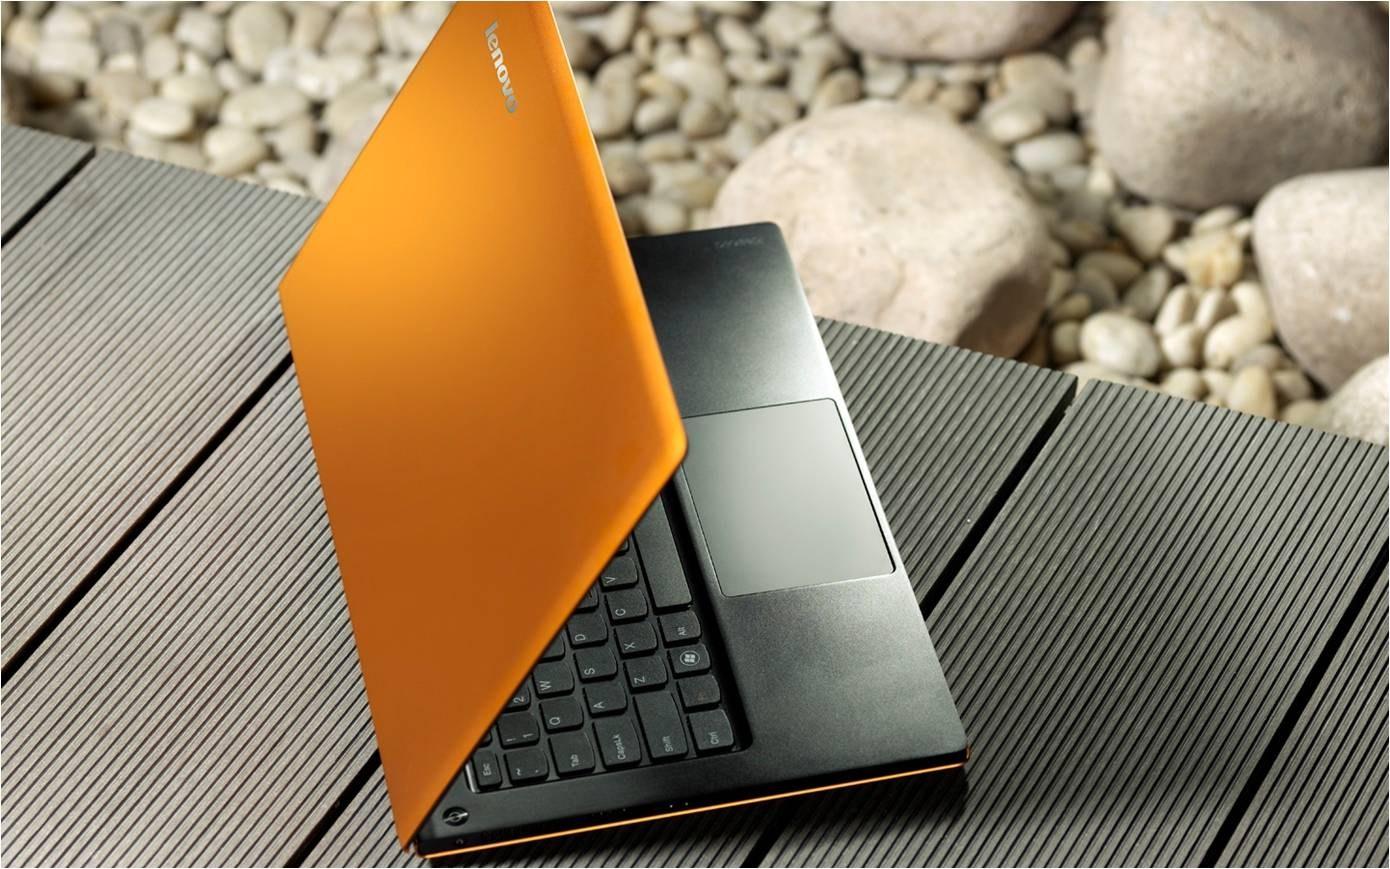 Intel Ultrabook Lenovo U Series U300s